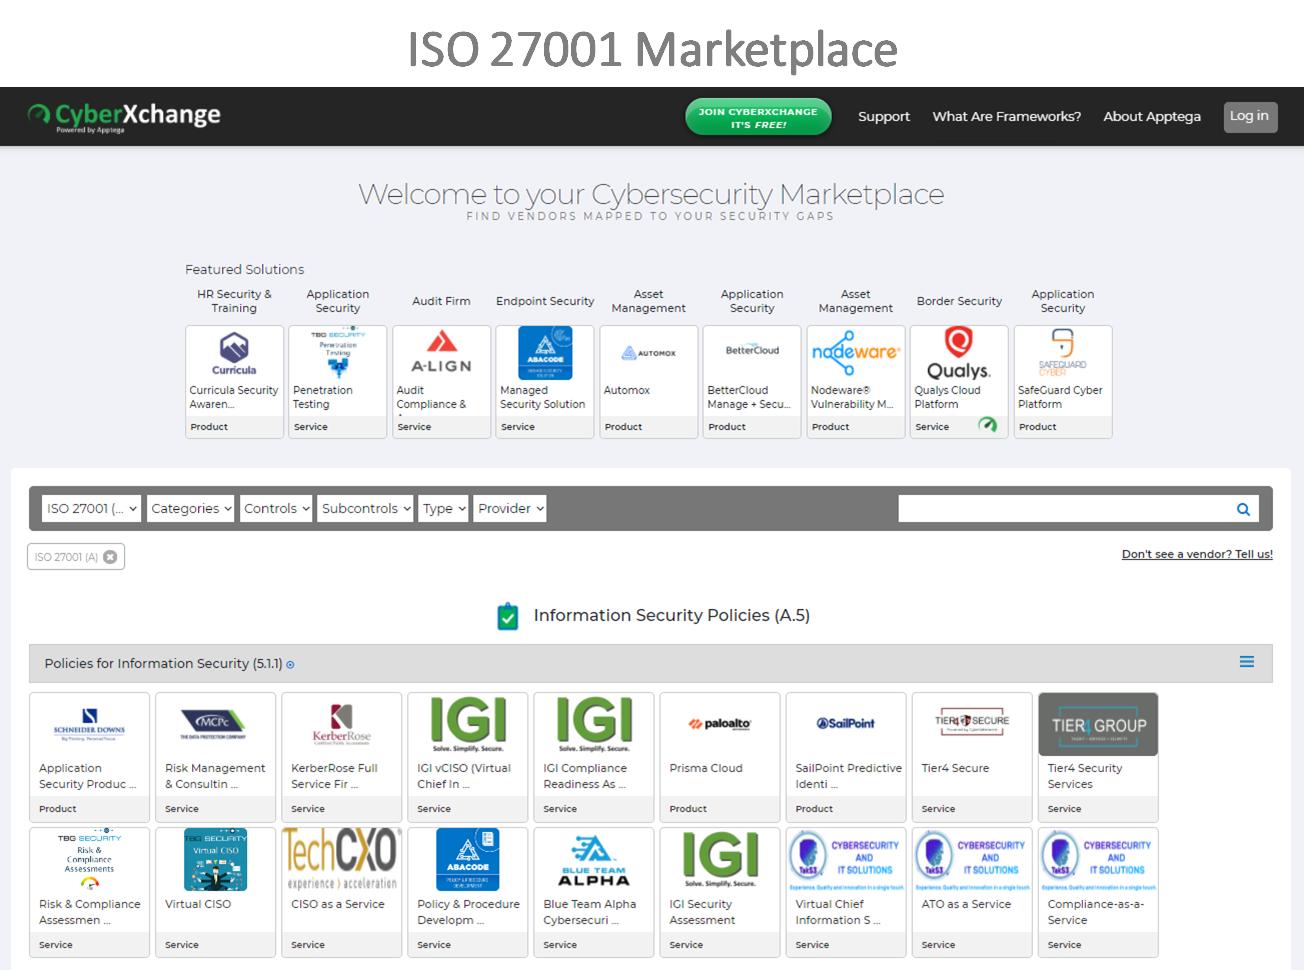 ISO 27001 Marketplace